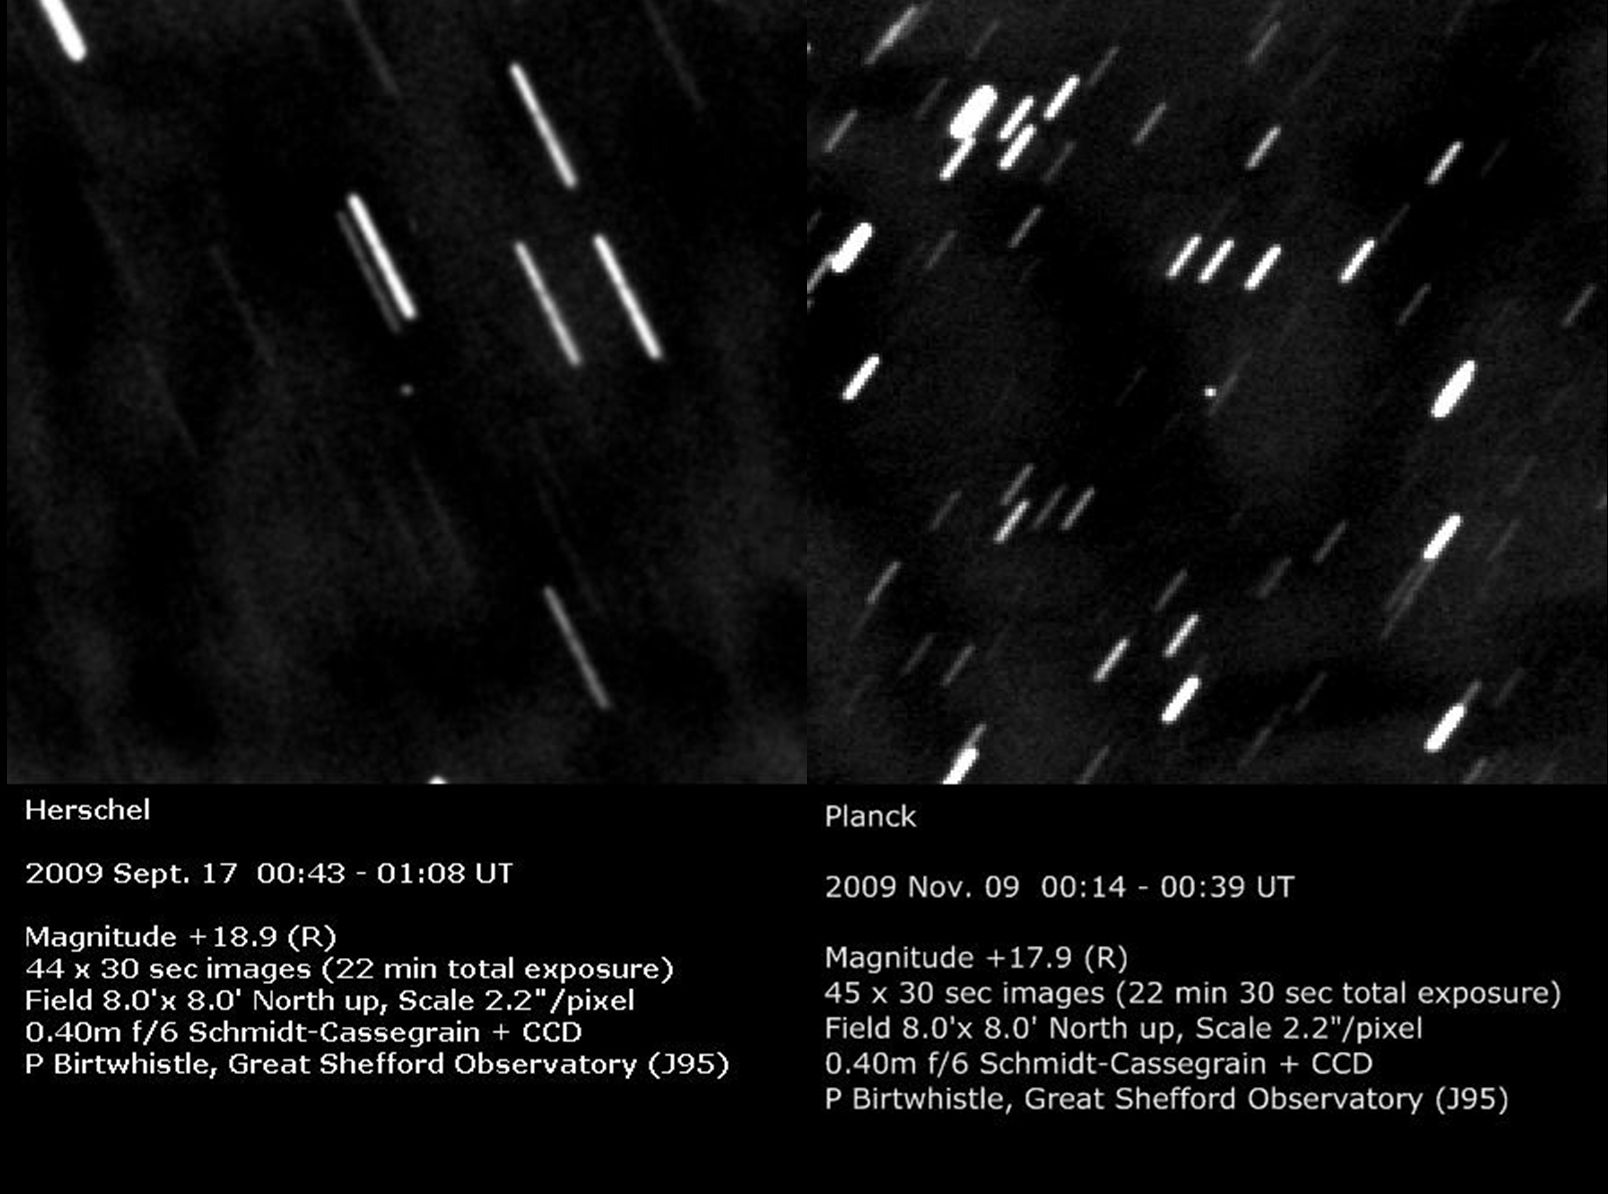 Images of Herschel and Planck